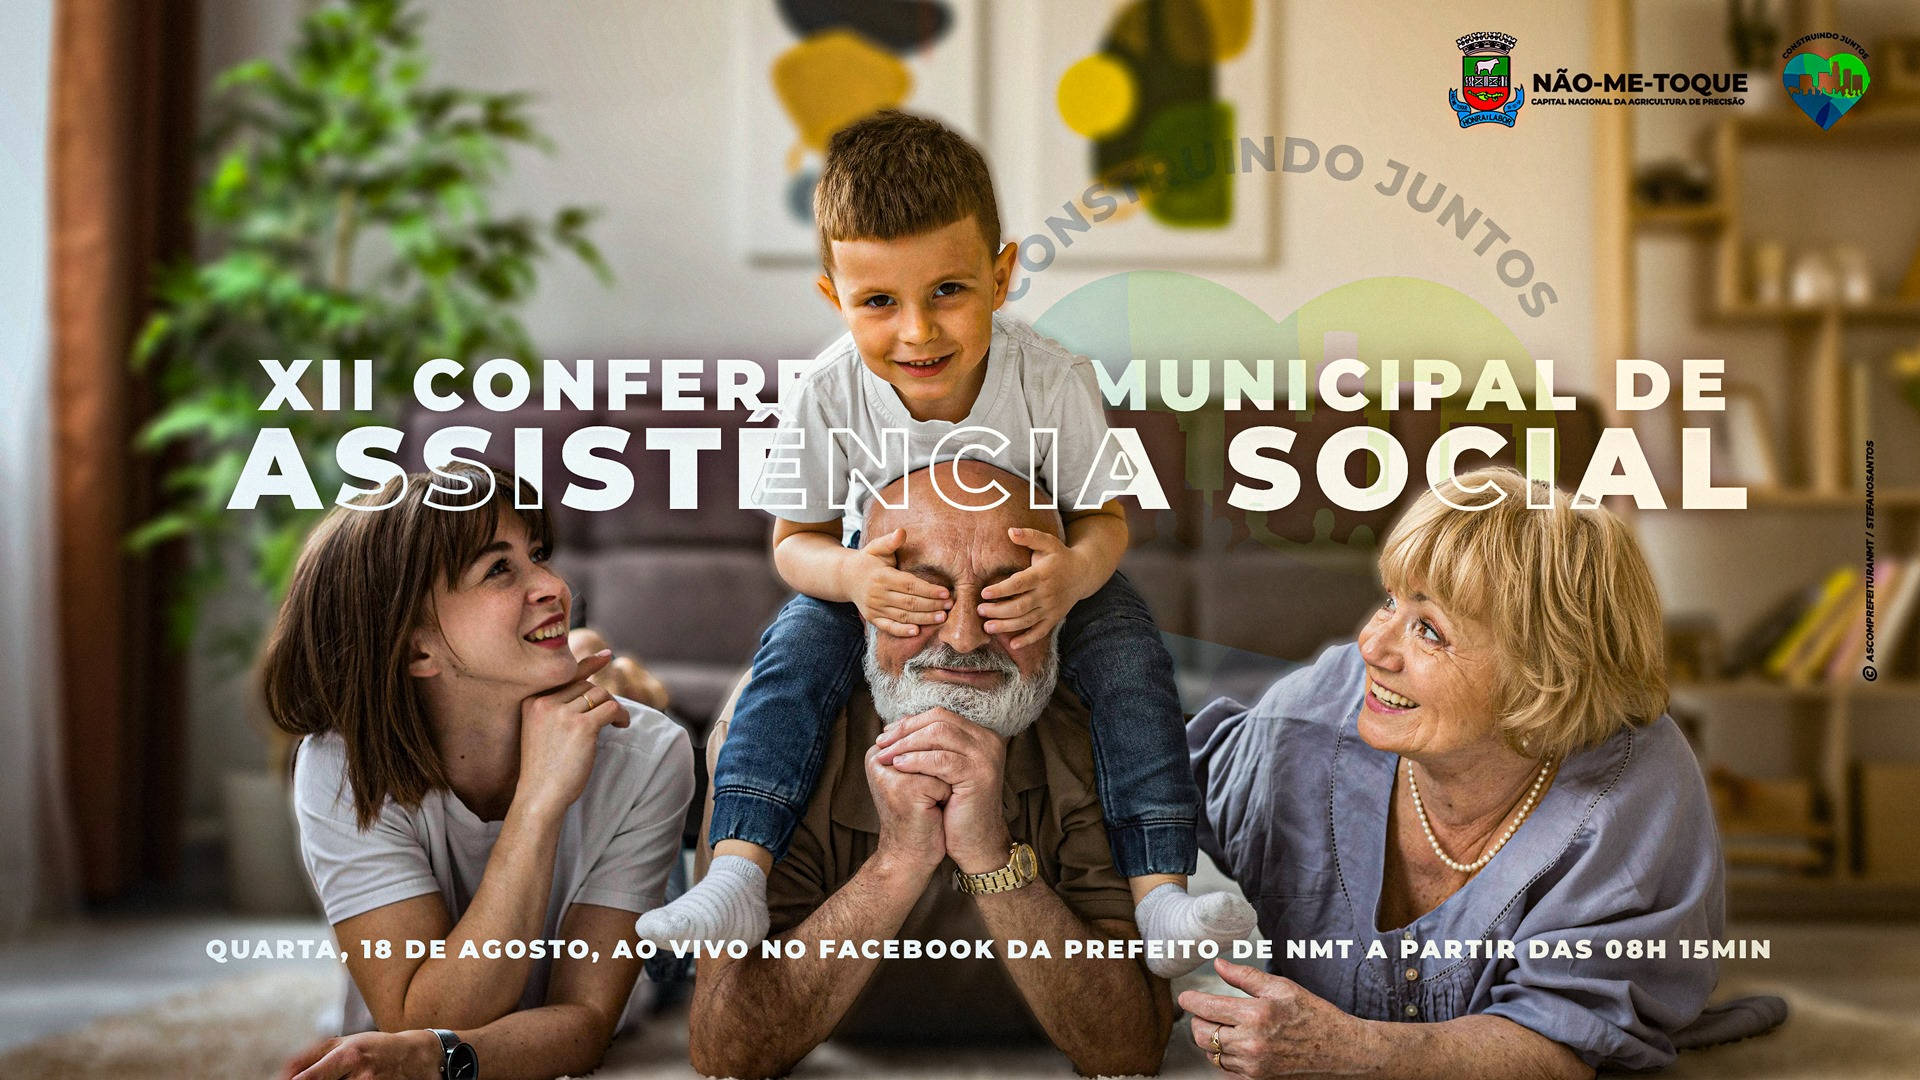 XII Conferência Municipal de Assistência Social será amanhã, saiba como participar